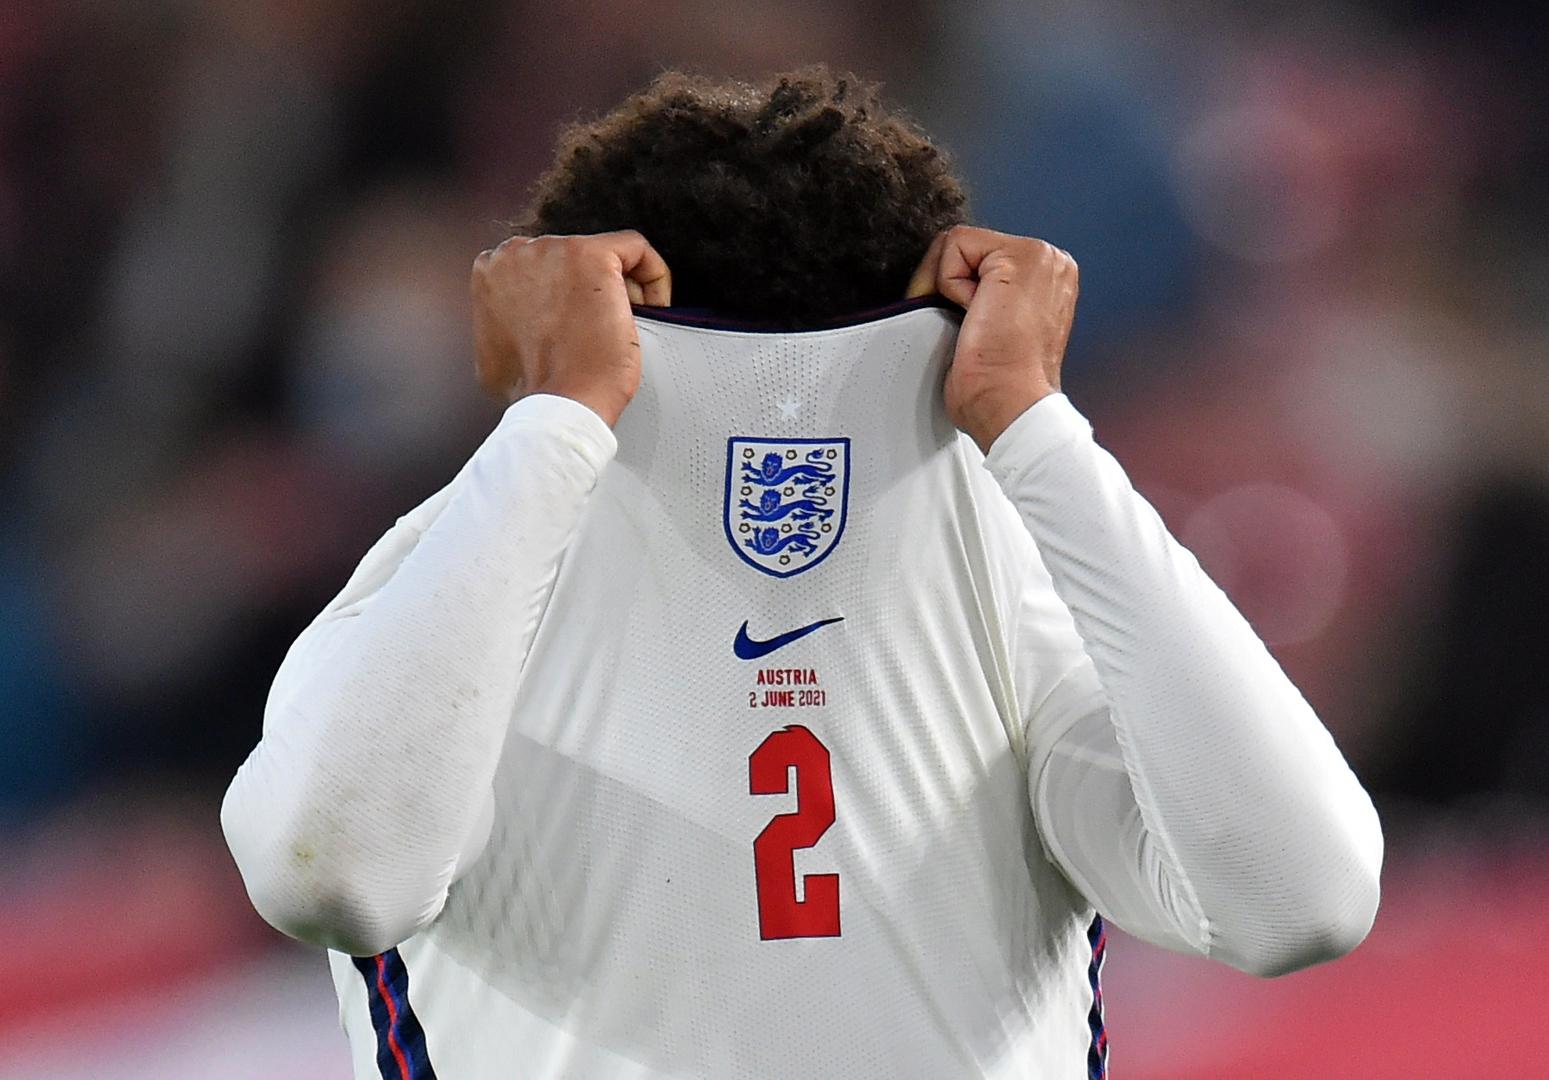 جرس إنذار يقرع داخل صفوف المنتخب الإنجليزي